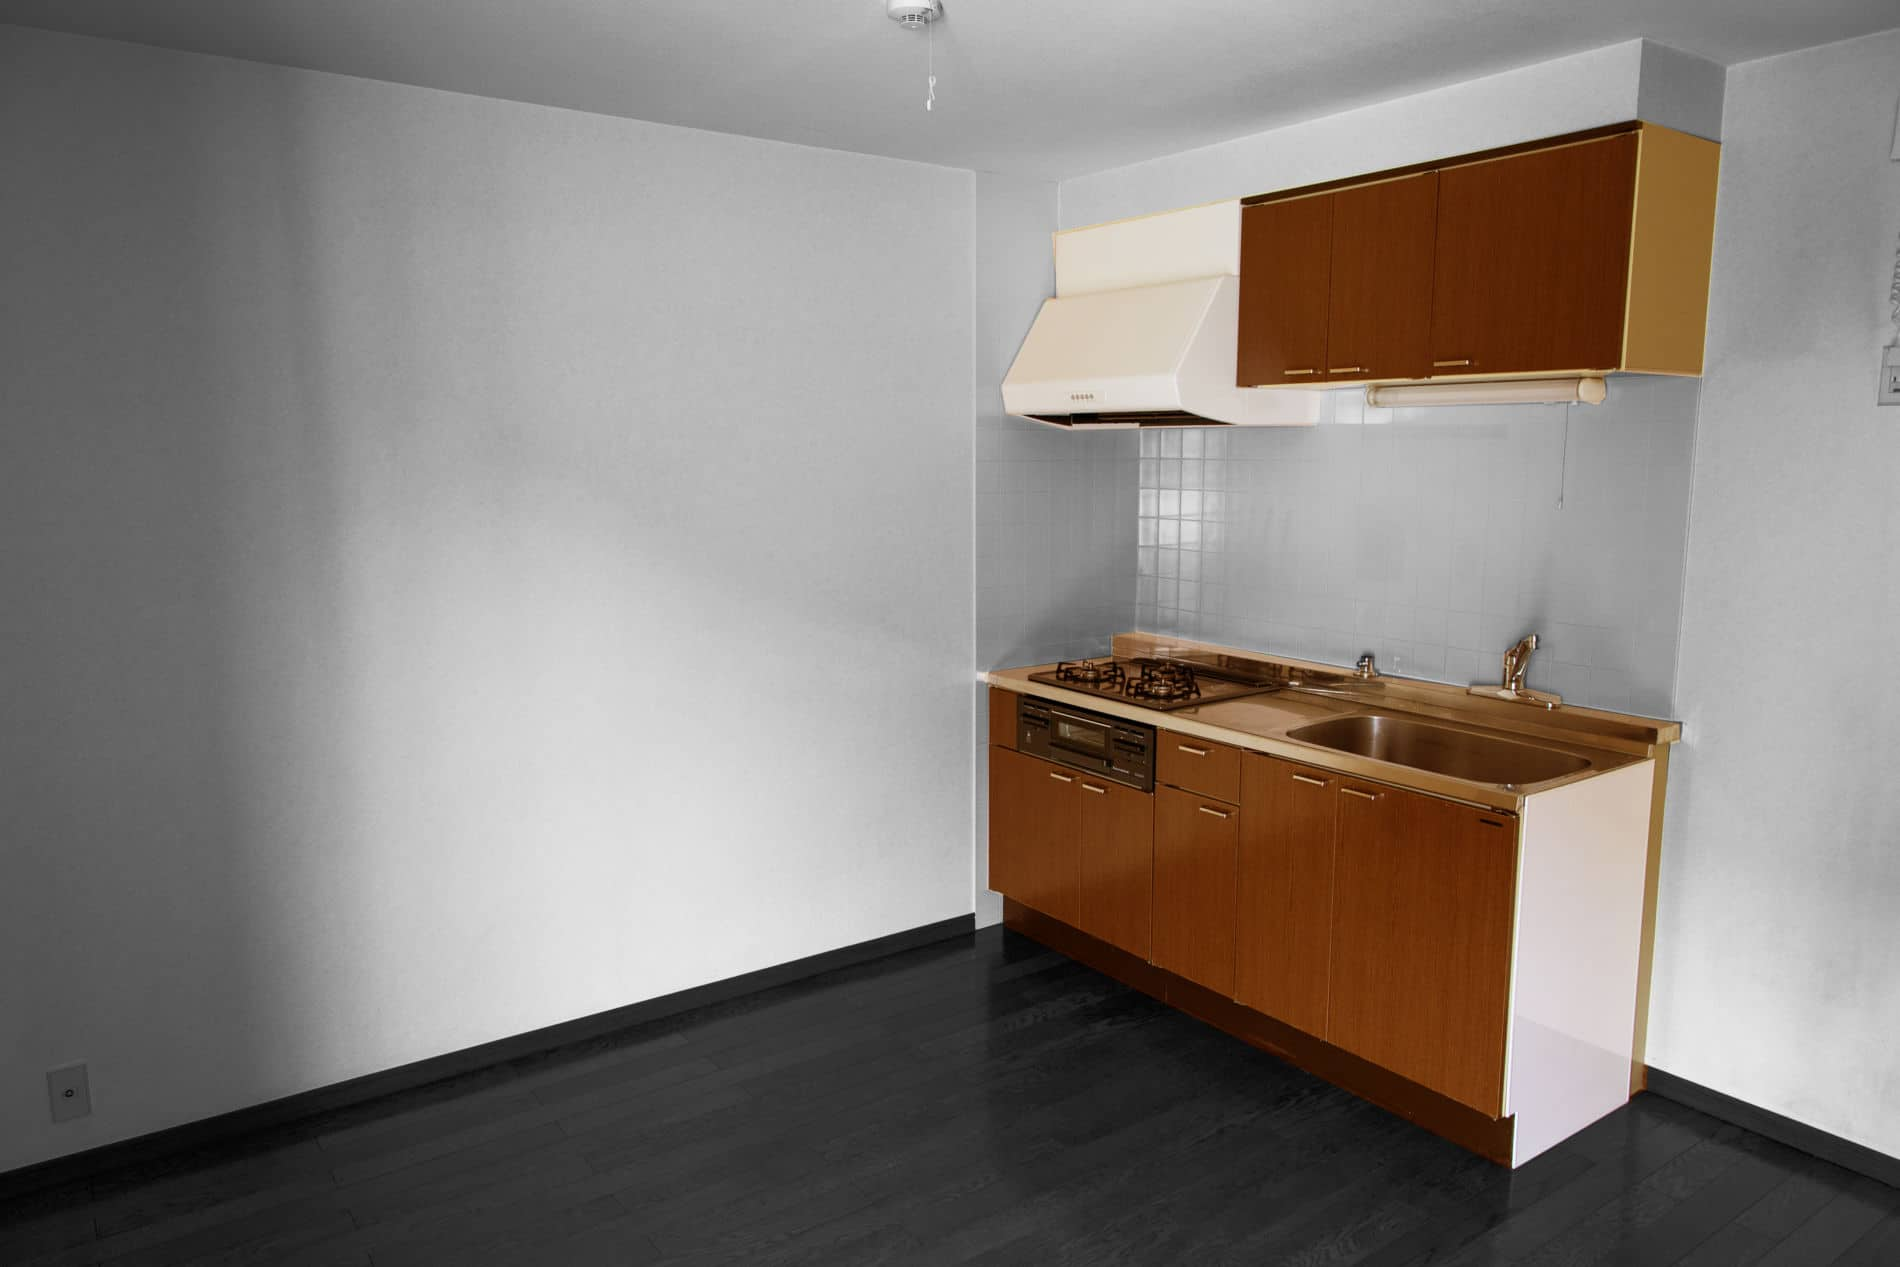 מטבחים מעץ חברות לעיצוב וייצור מטבחי עץ אדיבים עם רישיון והסמכה שיודעים לספק פתרונות מגוונים לכל בית תוך כדי תחזוקת מטבחים